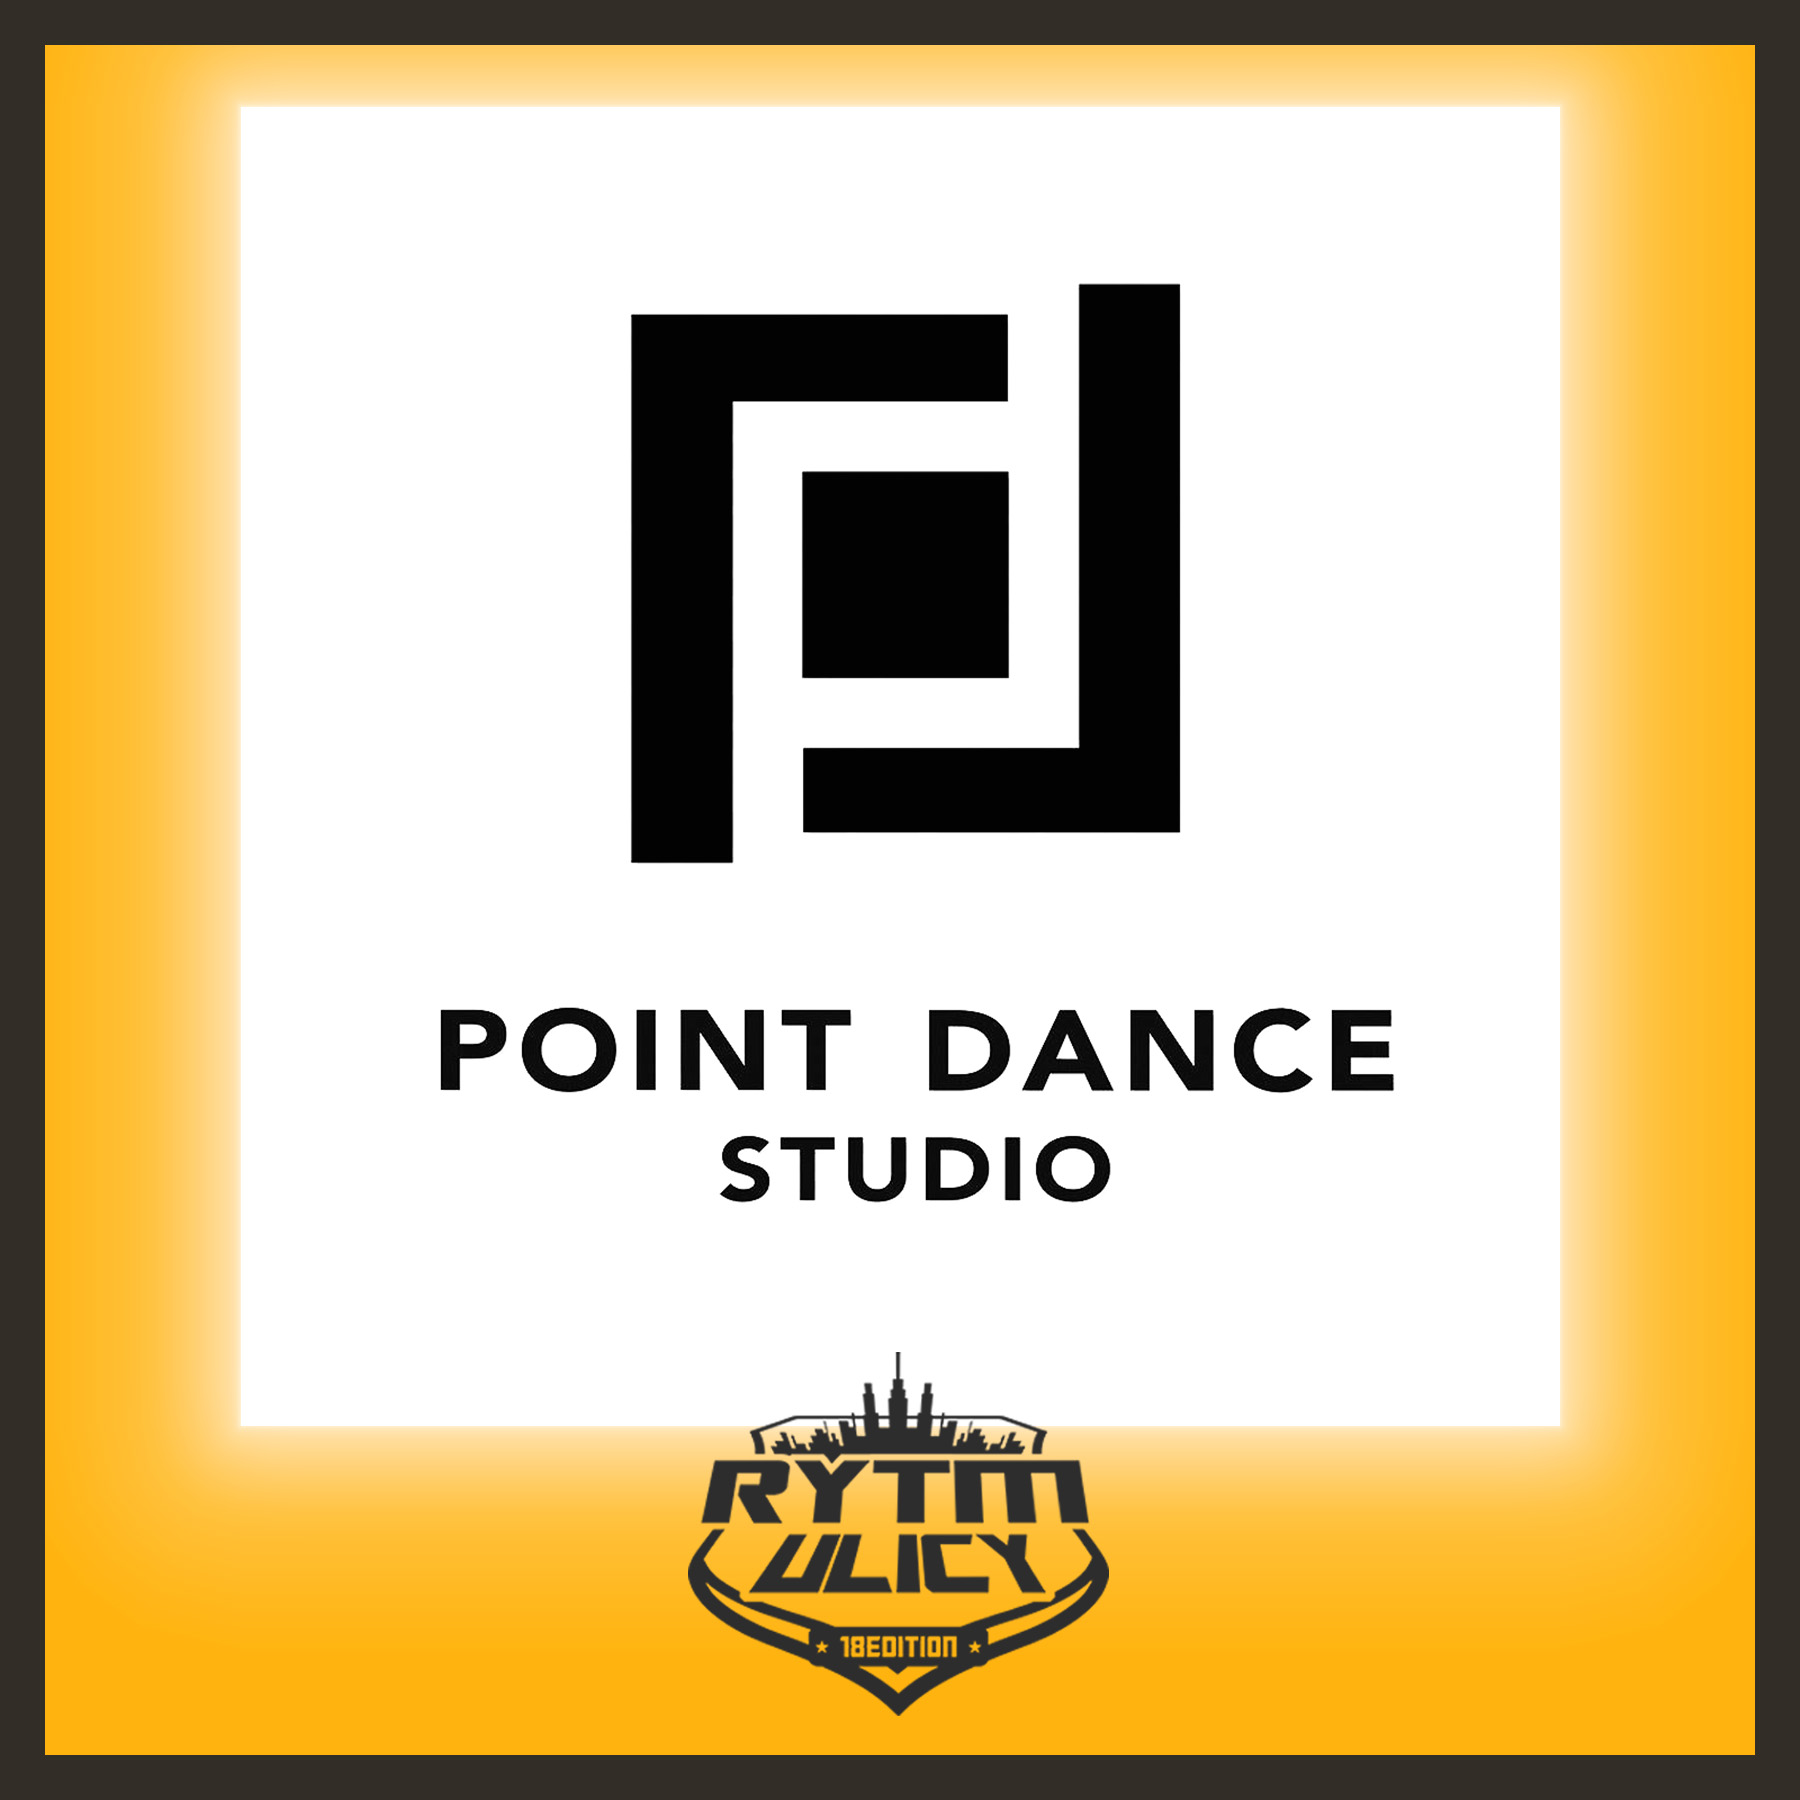 Point Dance